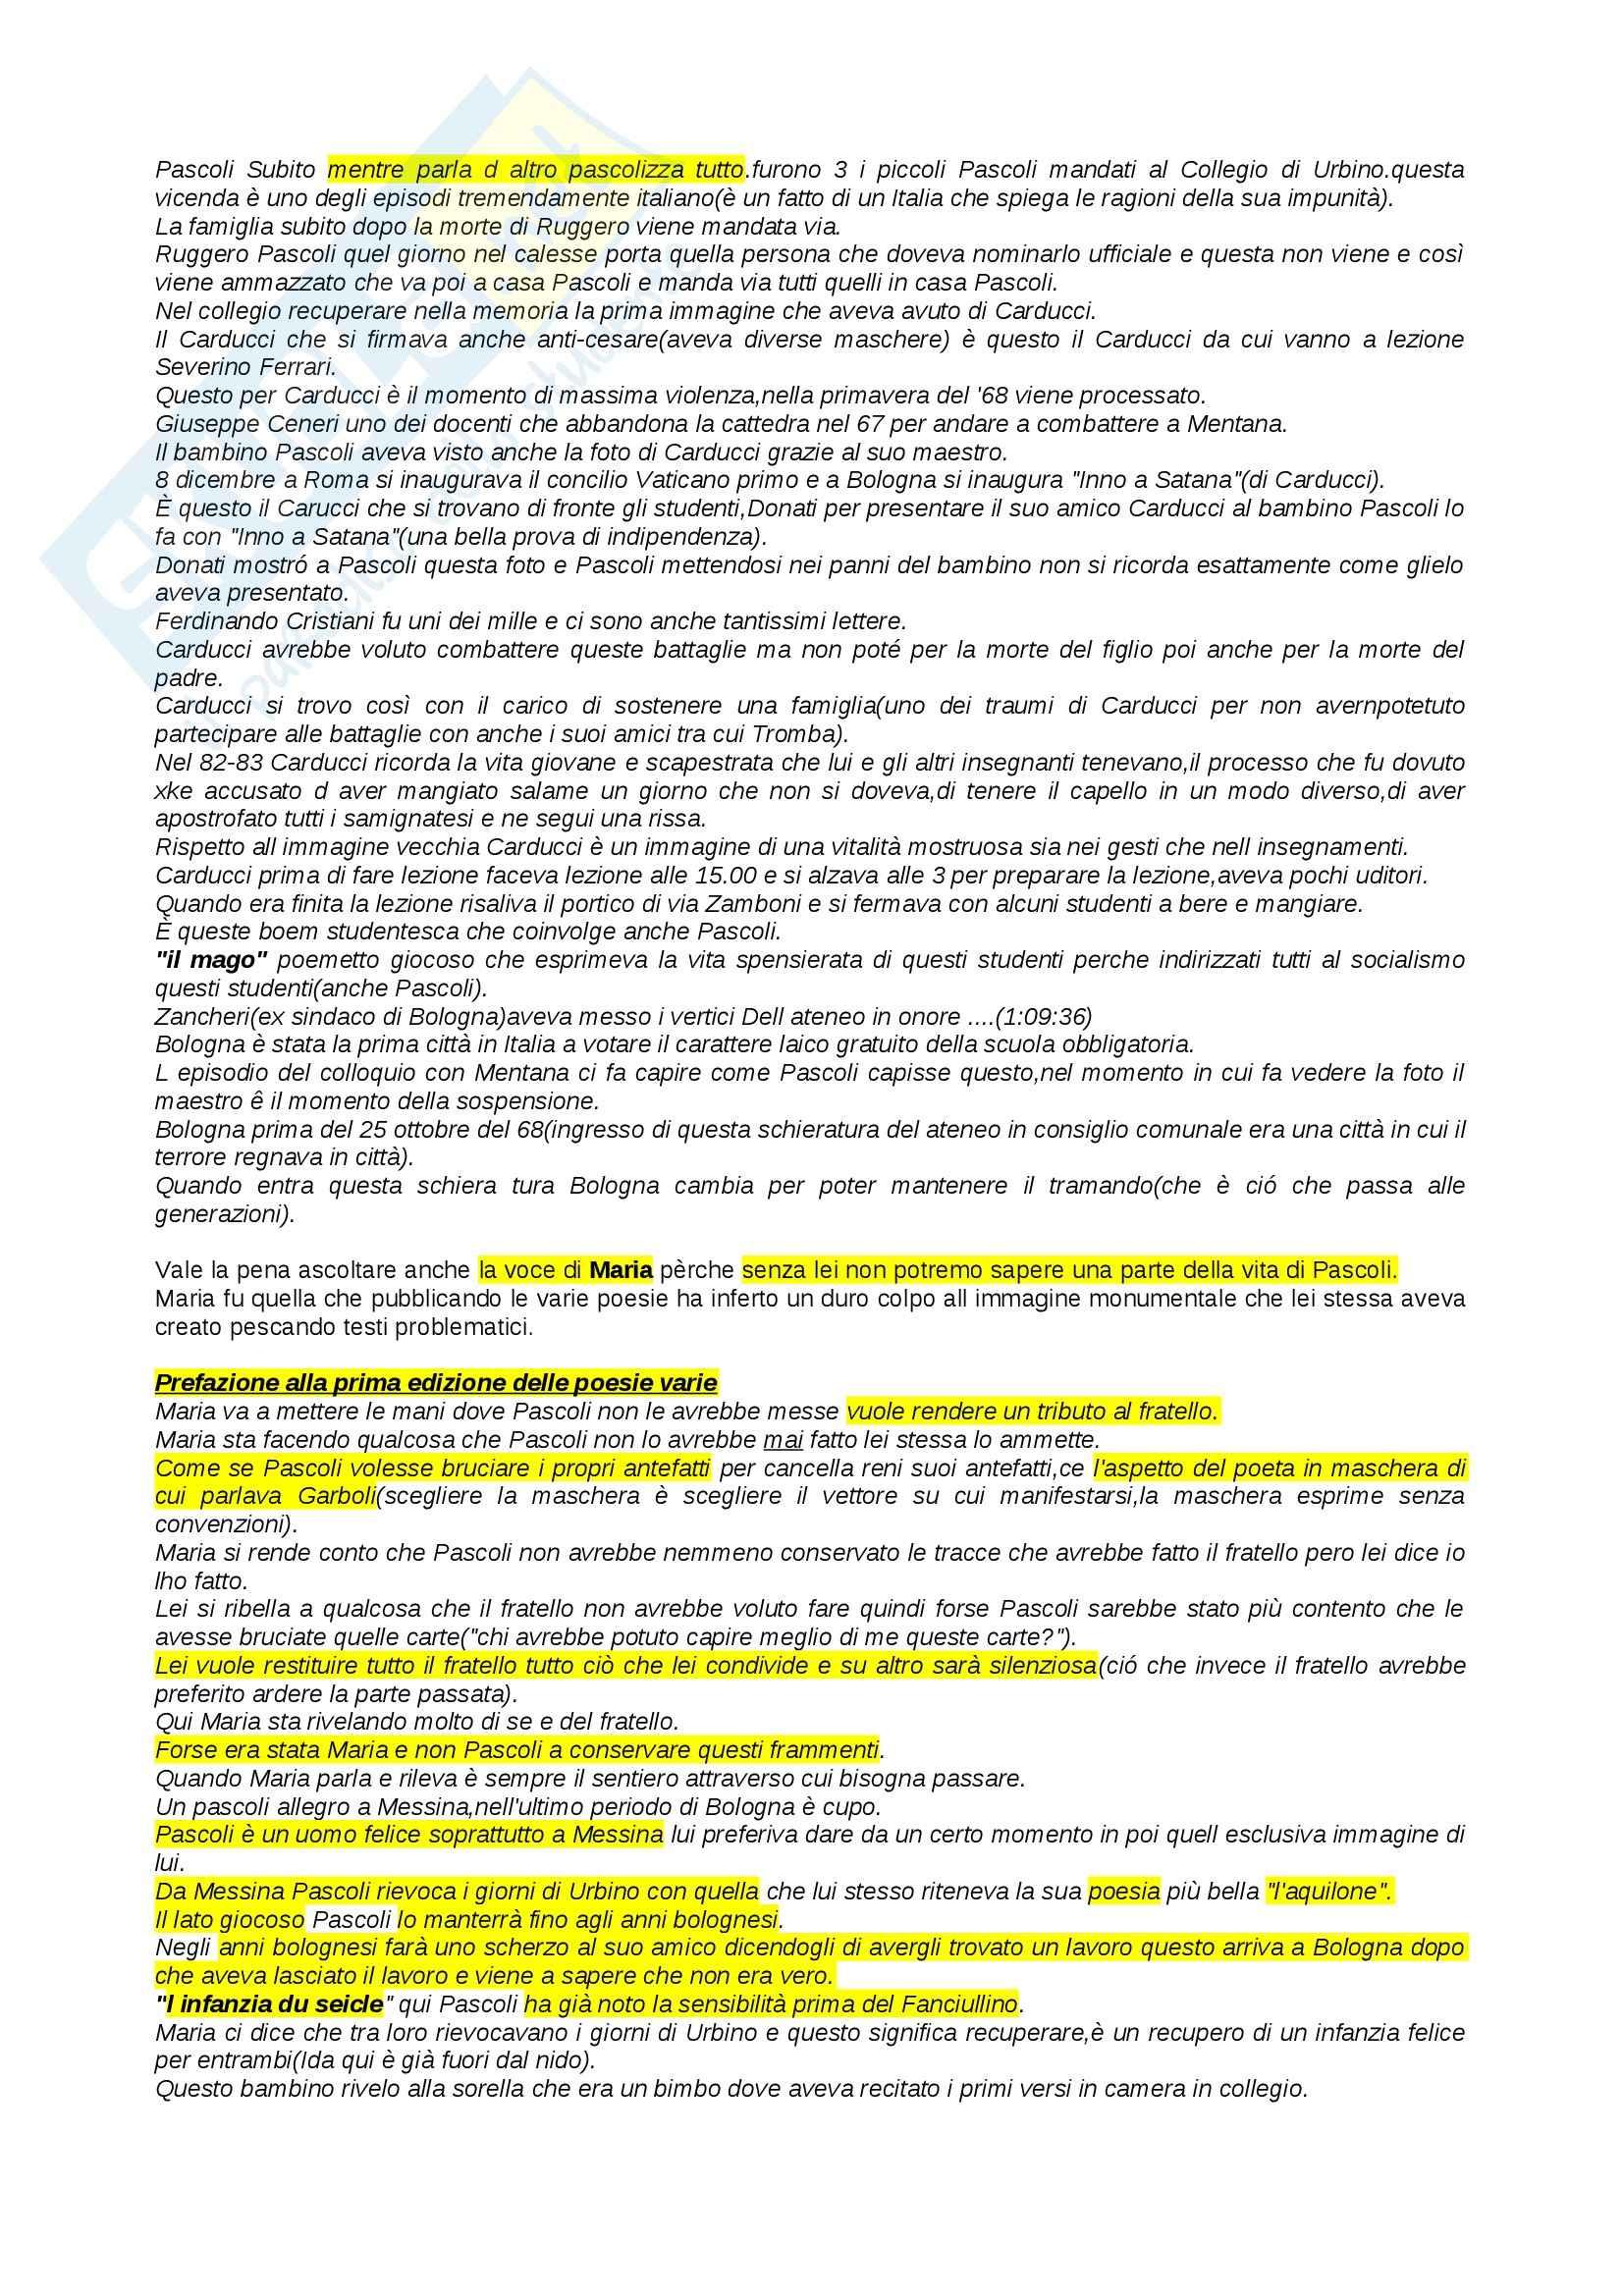 Lezioni, Letteratura italiana Pag. 6